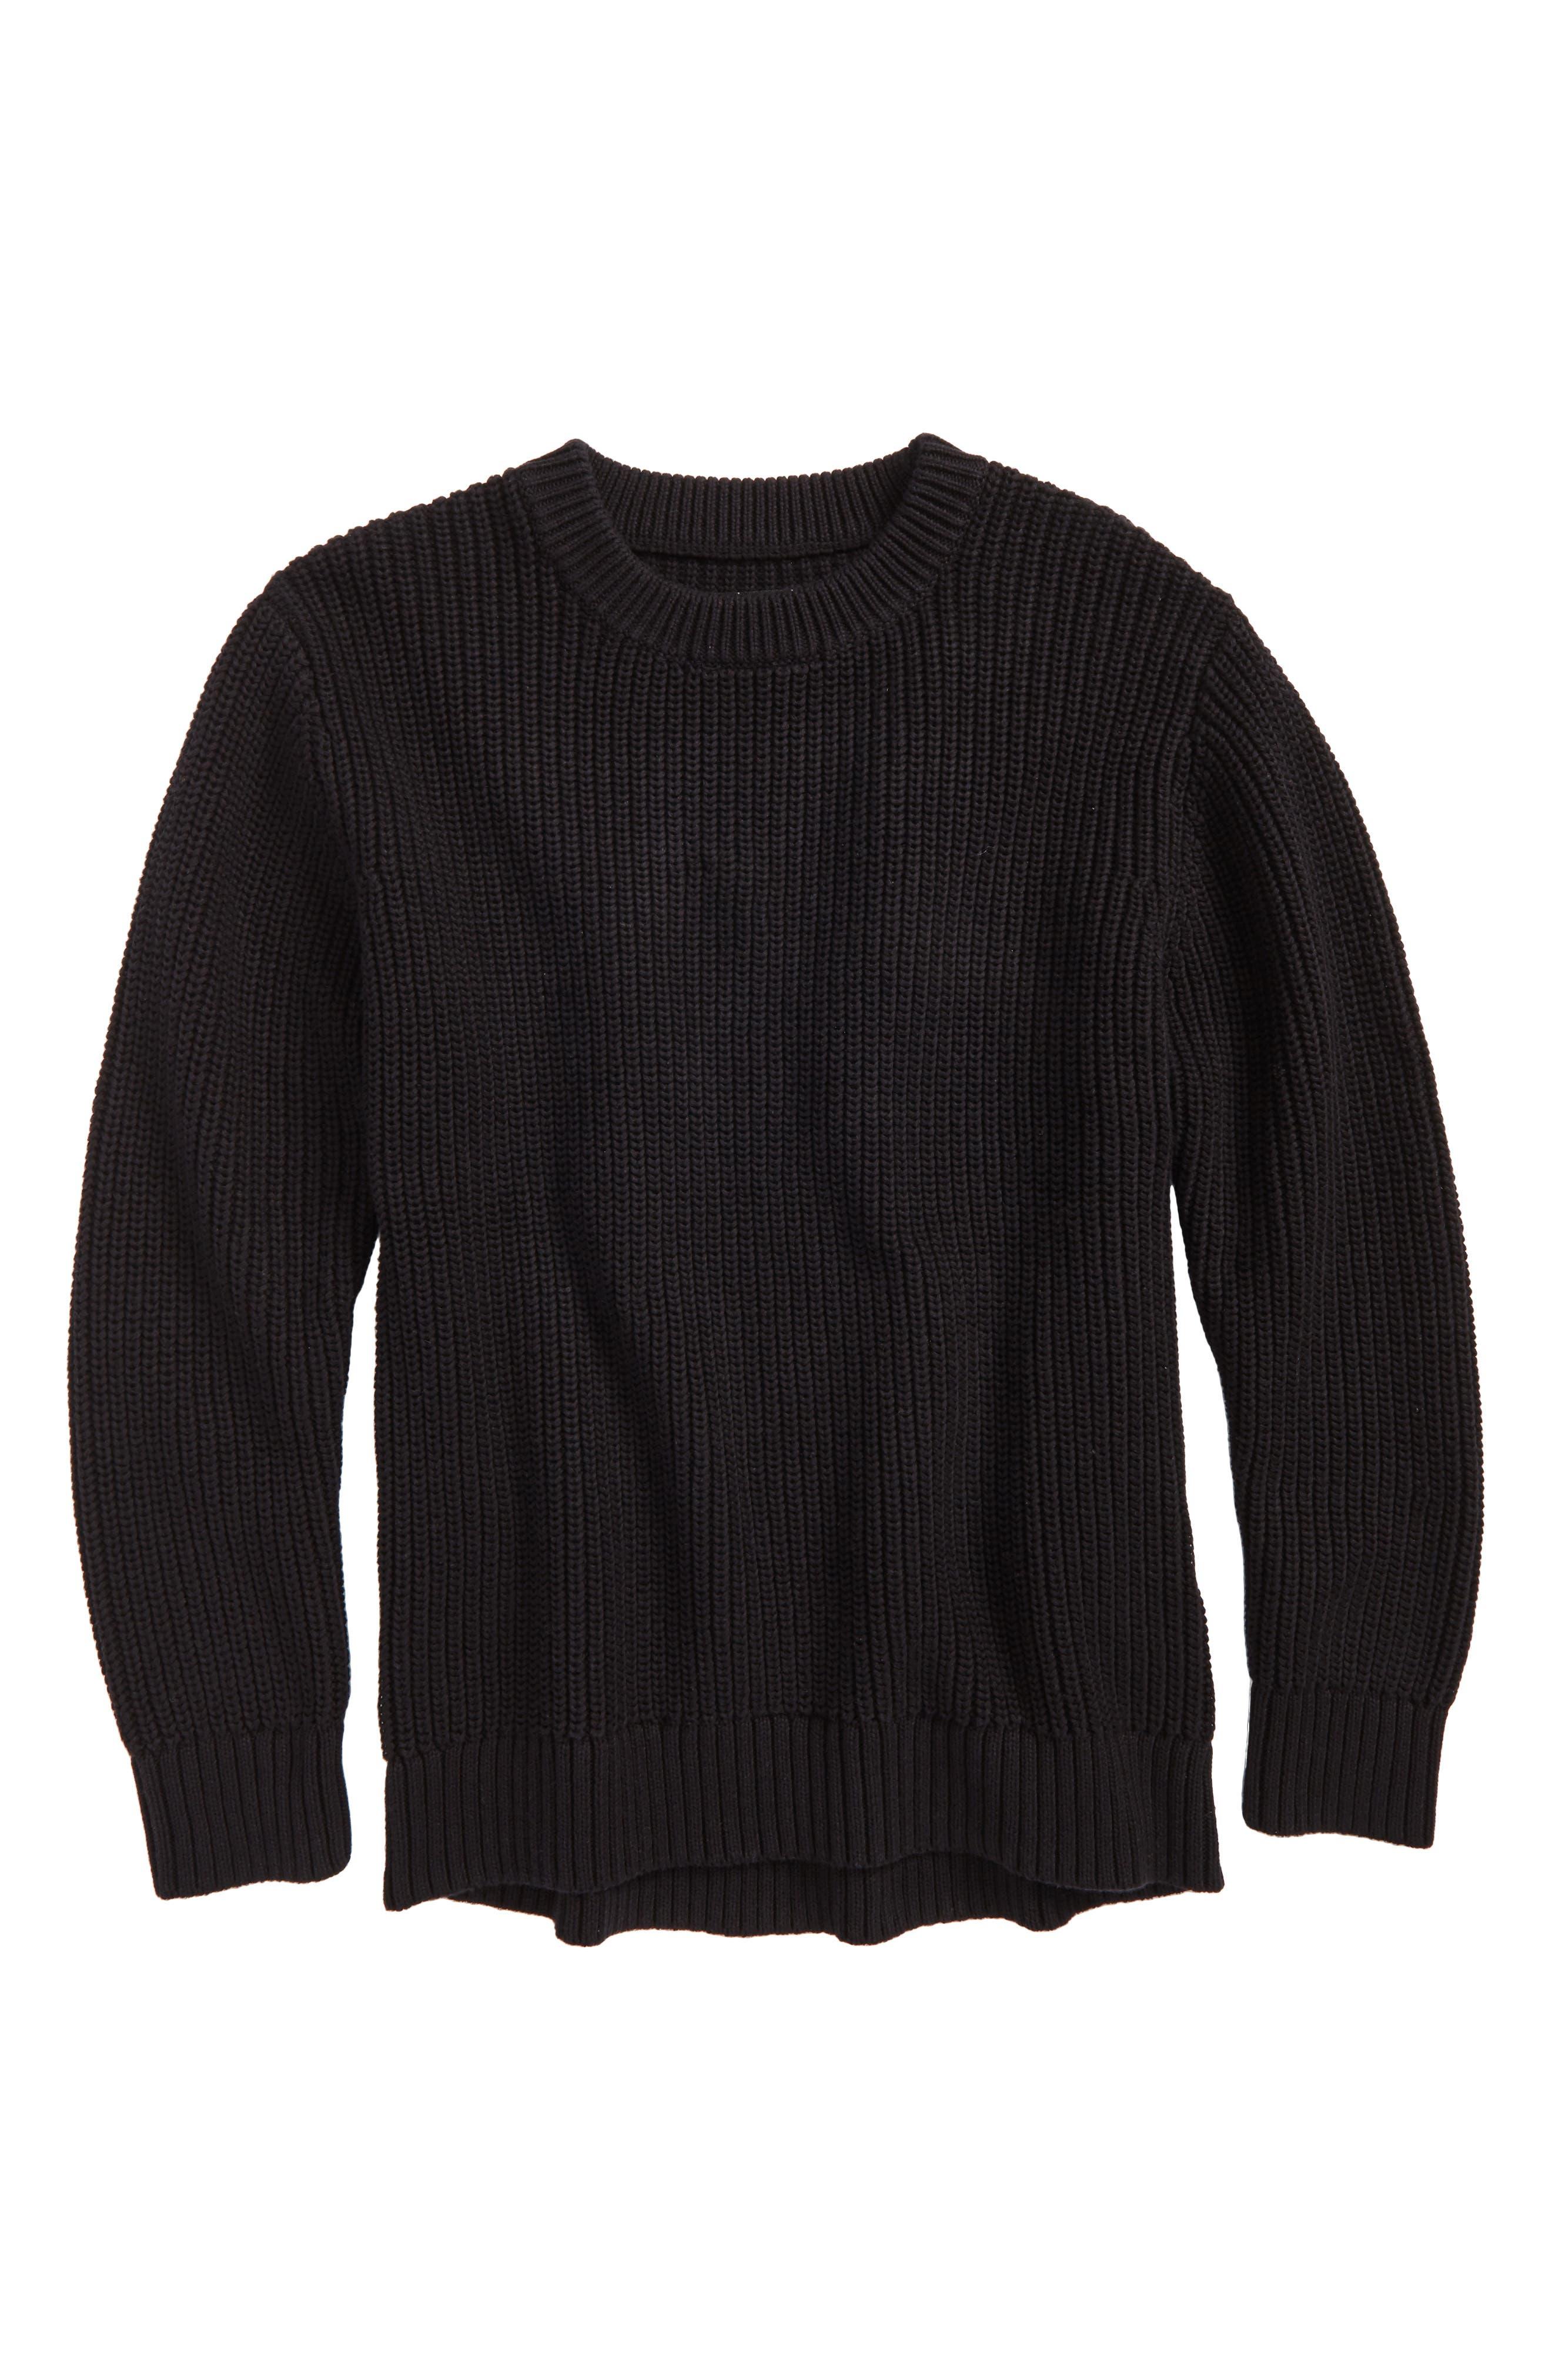 Heavy Stitch Sweater,                         Main,                         color, Black